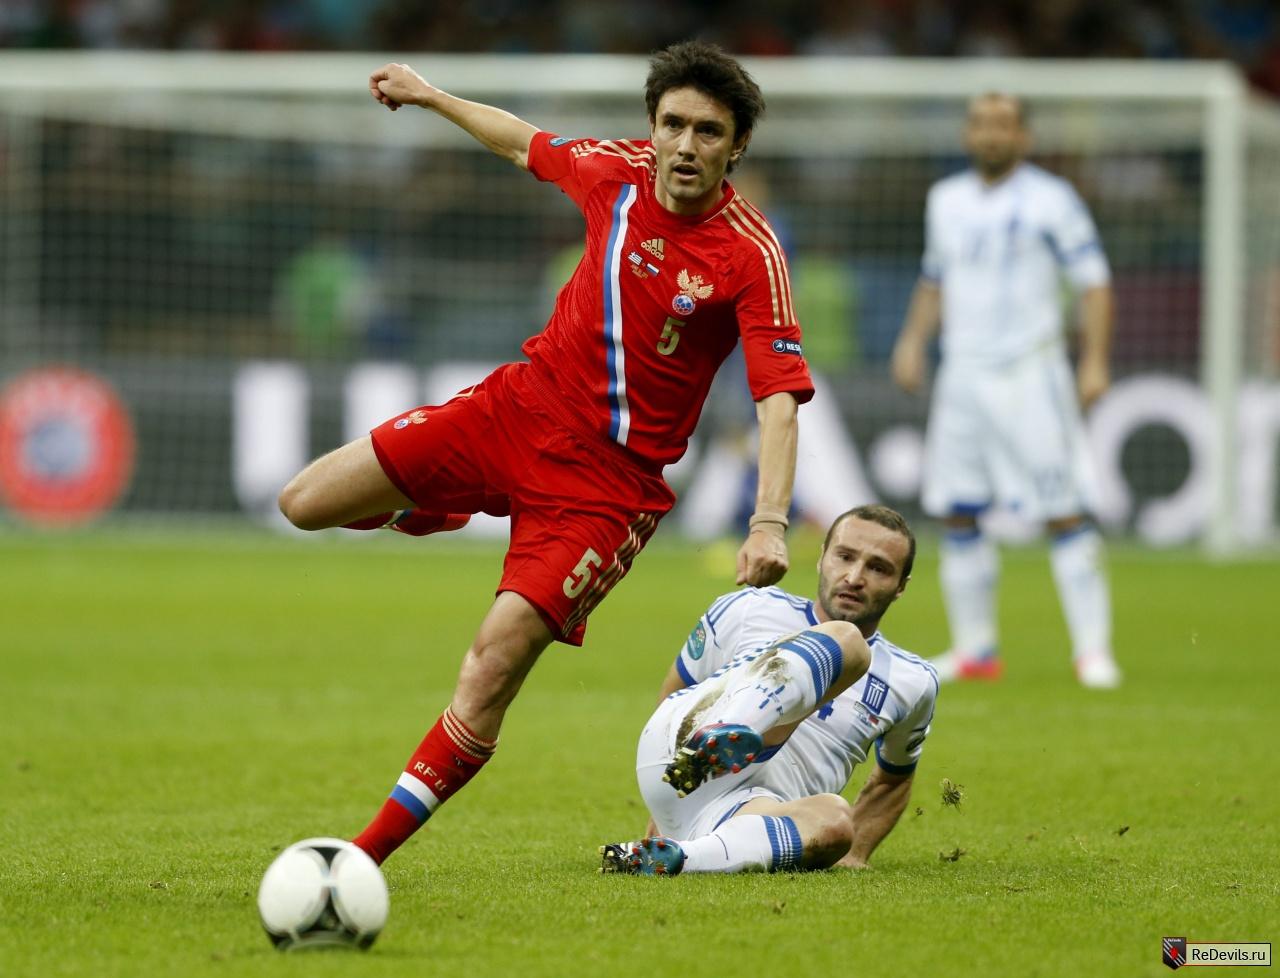 фото футболистов с бельгии